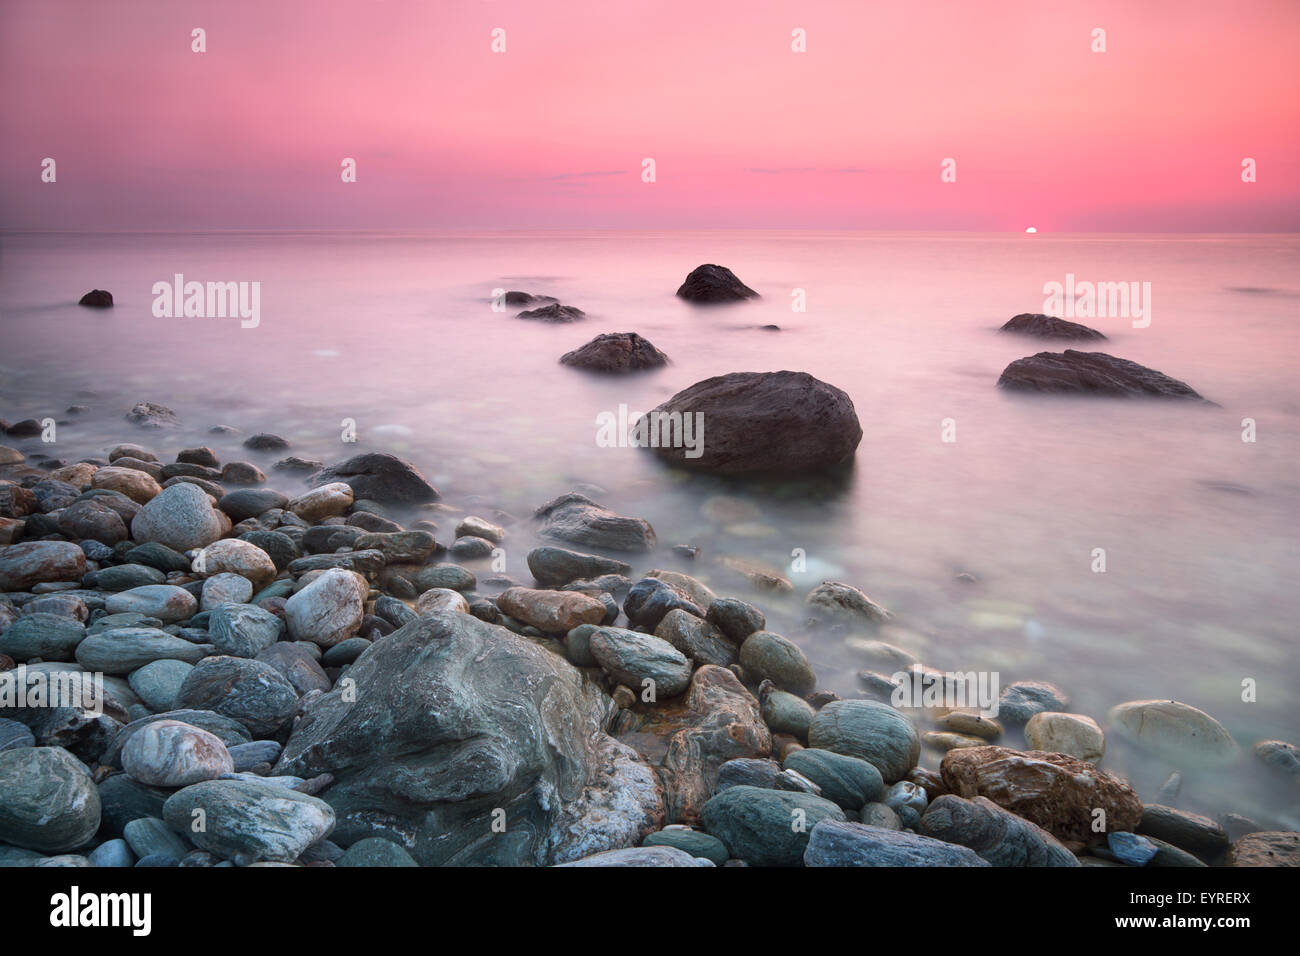 Amanecer visto desde el Papa Nero playa de Agios Ioannis en el Pelion, Grecia Imagen De Stock